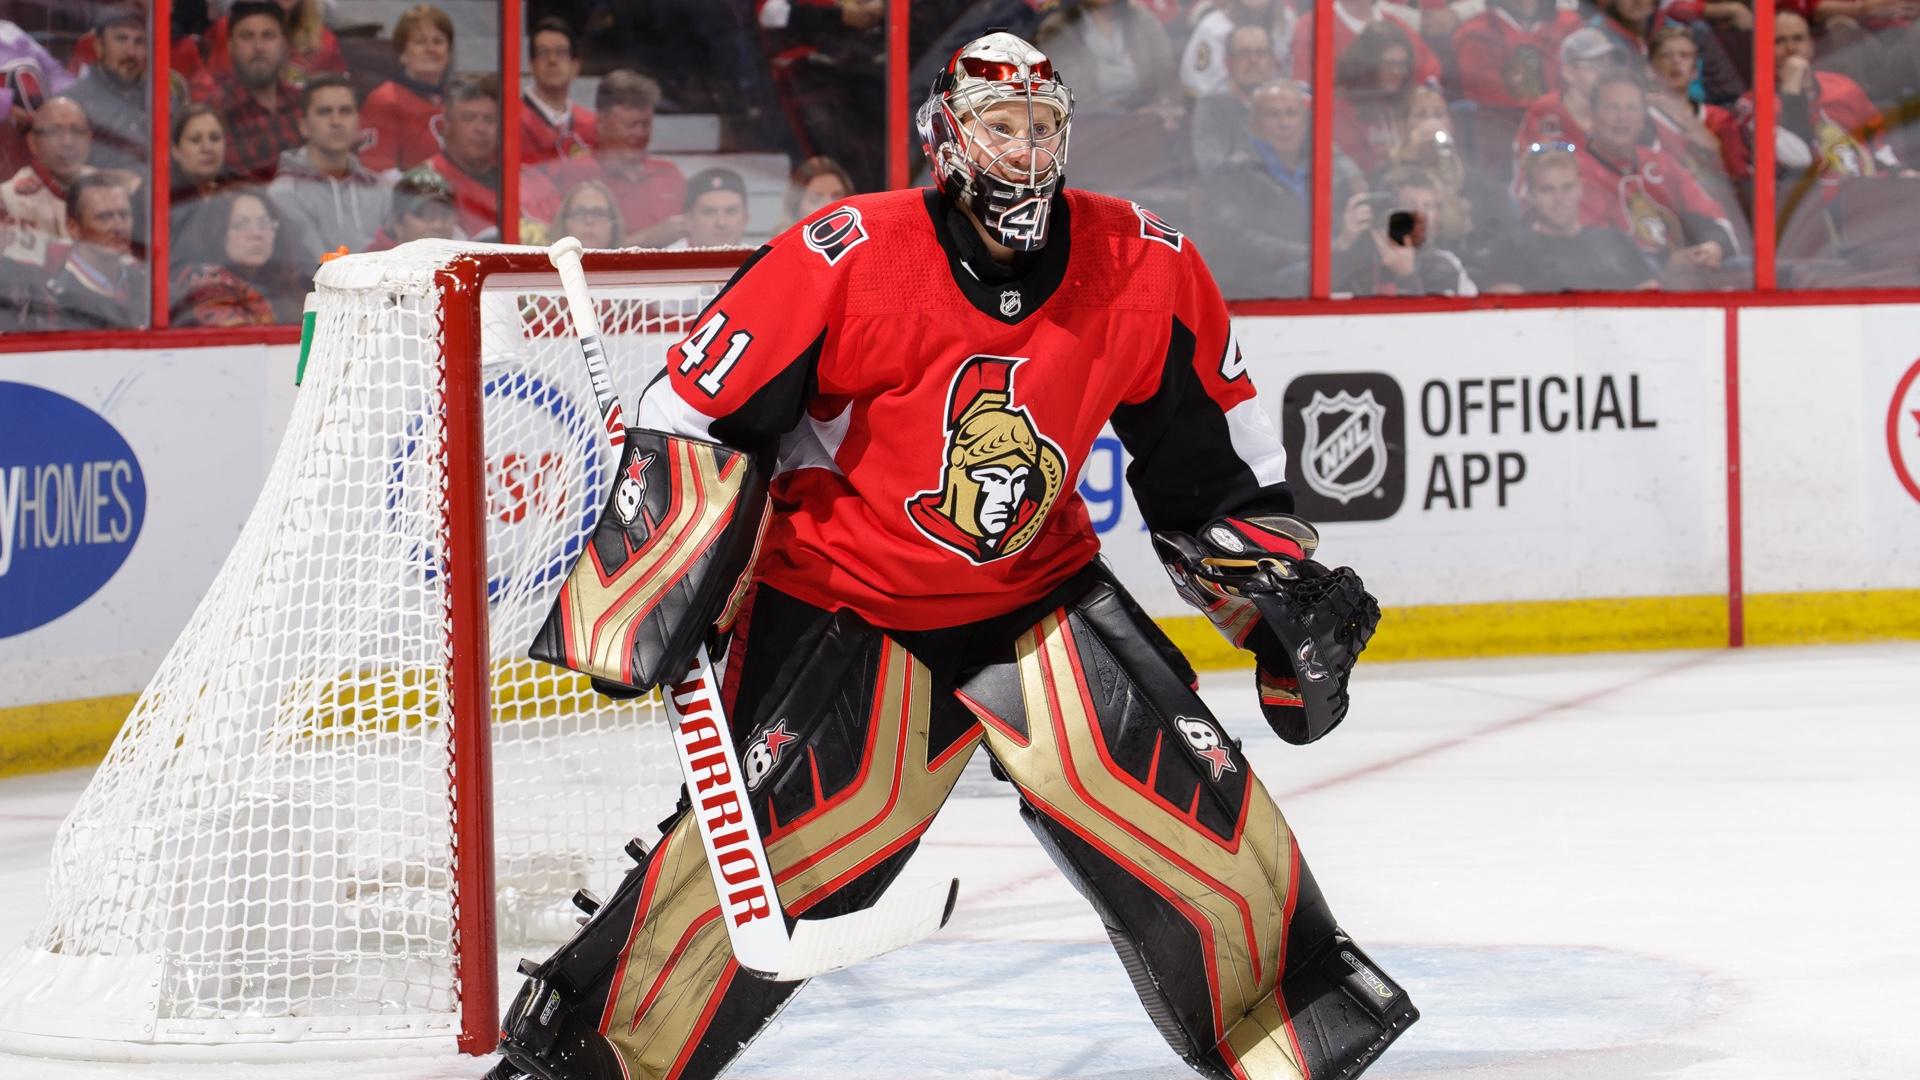 Senators goalie Craig Anderson unsure of NHL future amid season pause 1